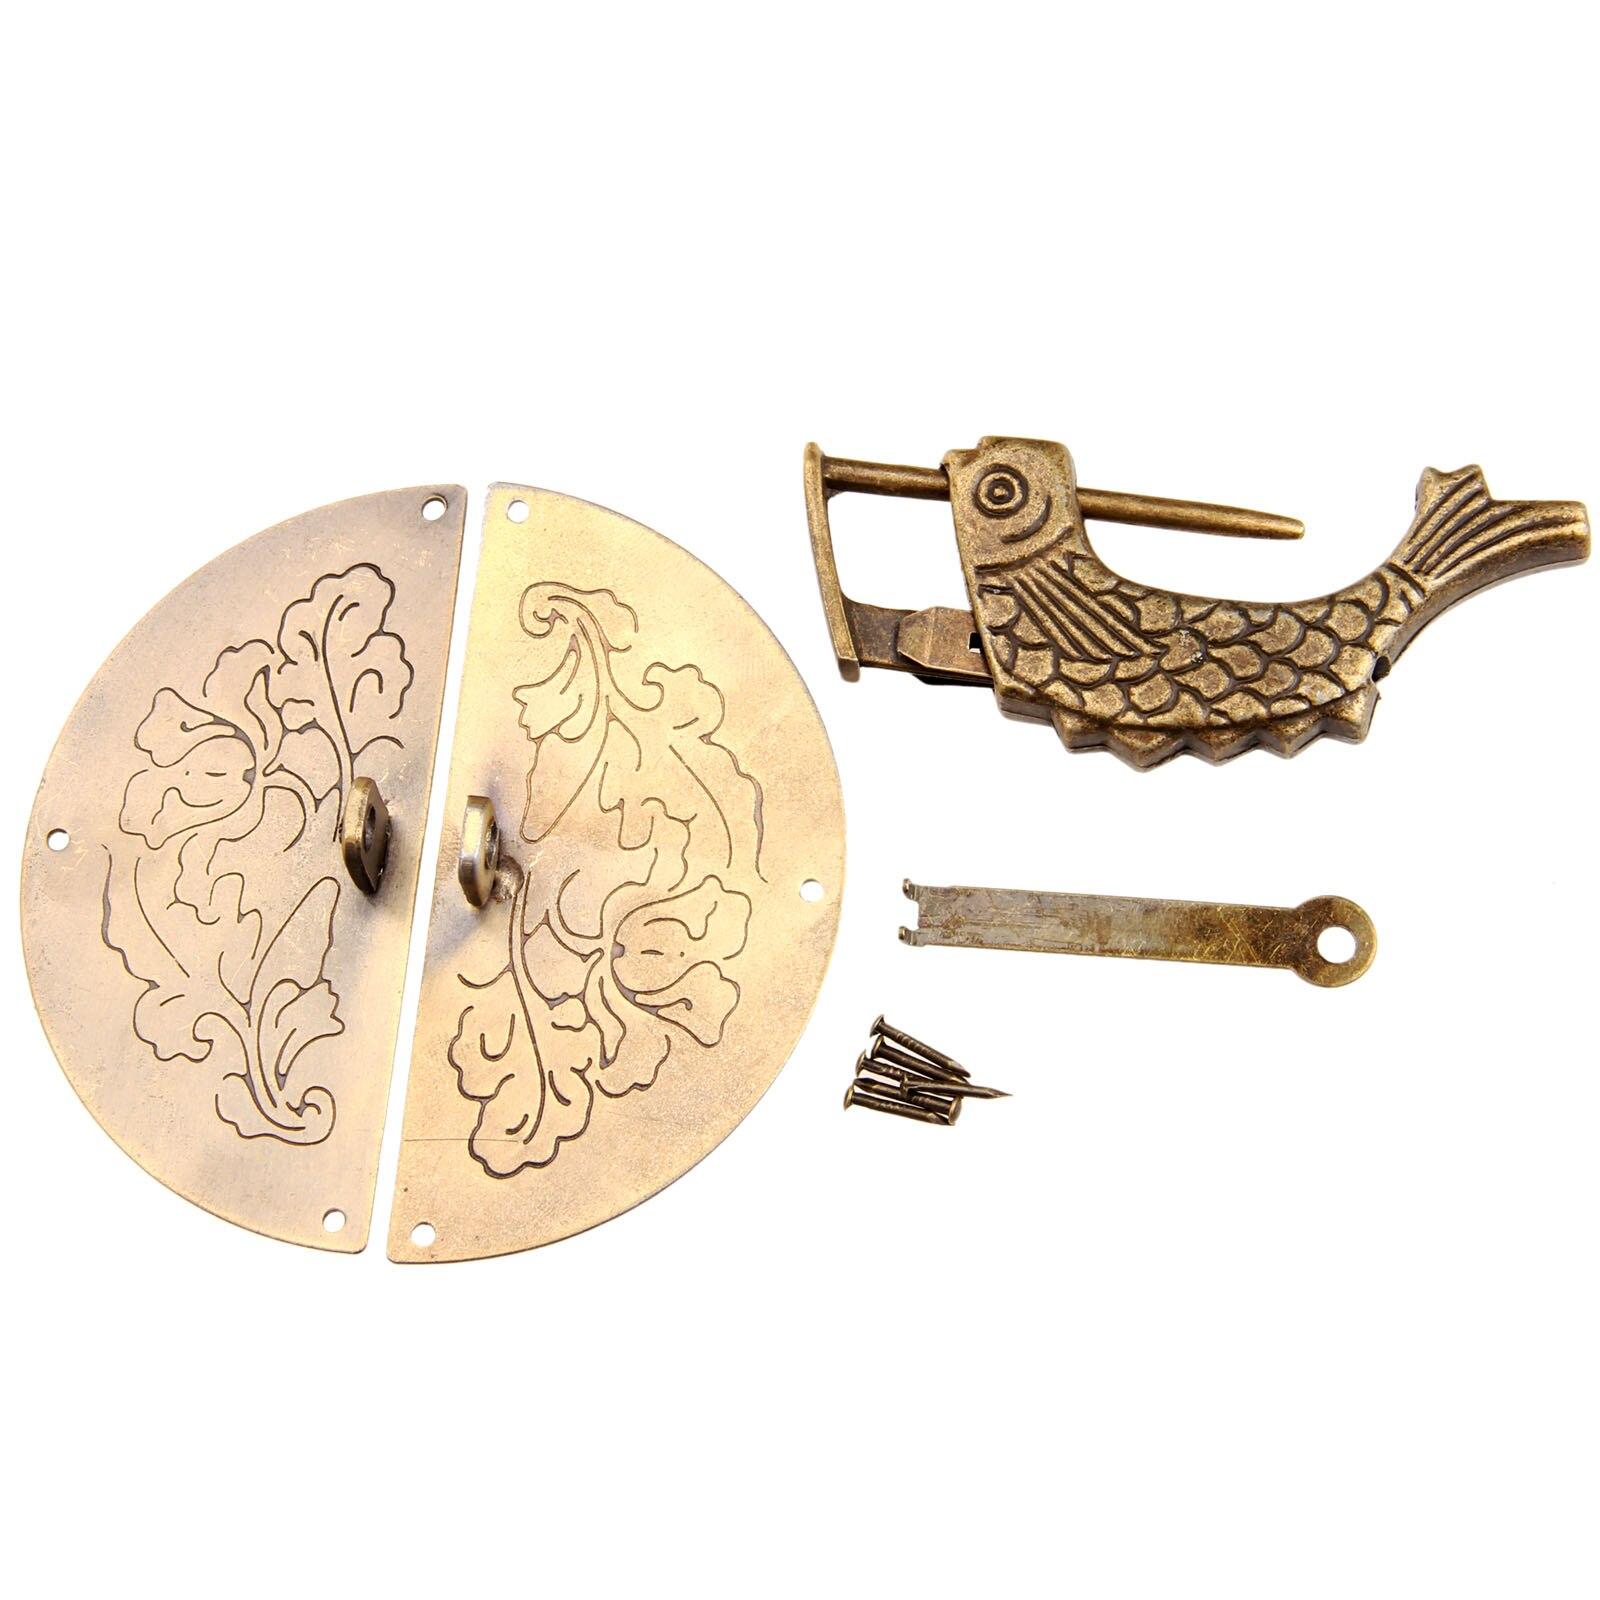 poignee de meuble en bronze antique serrure ancienne chinoise 1 piece boite en bois vintage poignee d armoire accessoires de meubles